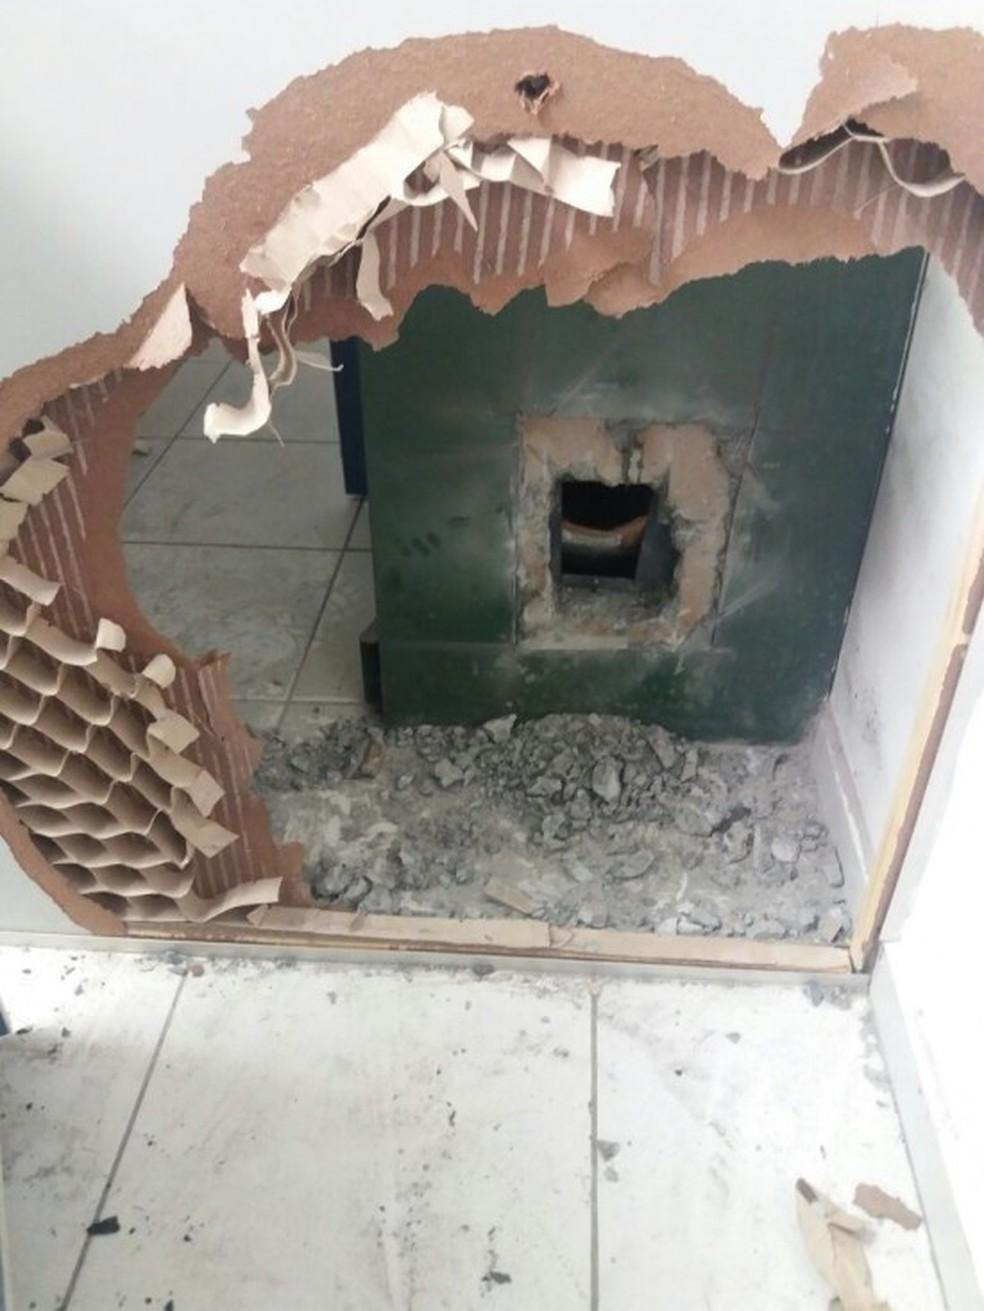 Ladrões levaram mais de R$ 30 mil que estava no cofre  (Foto: Arquivo Pessoal)